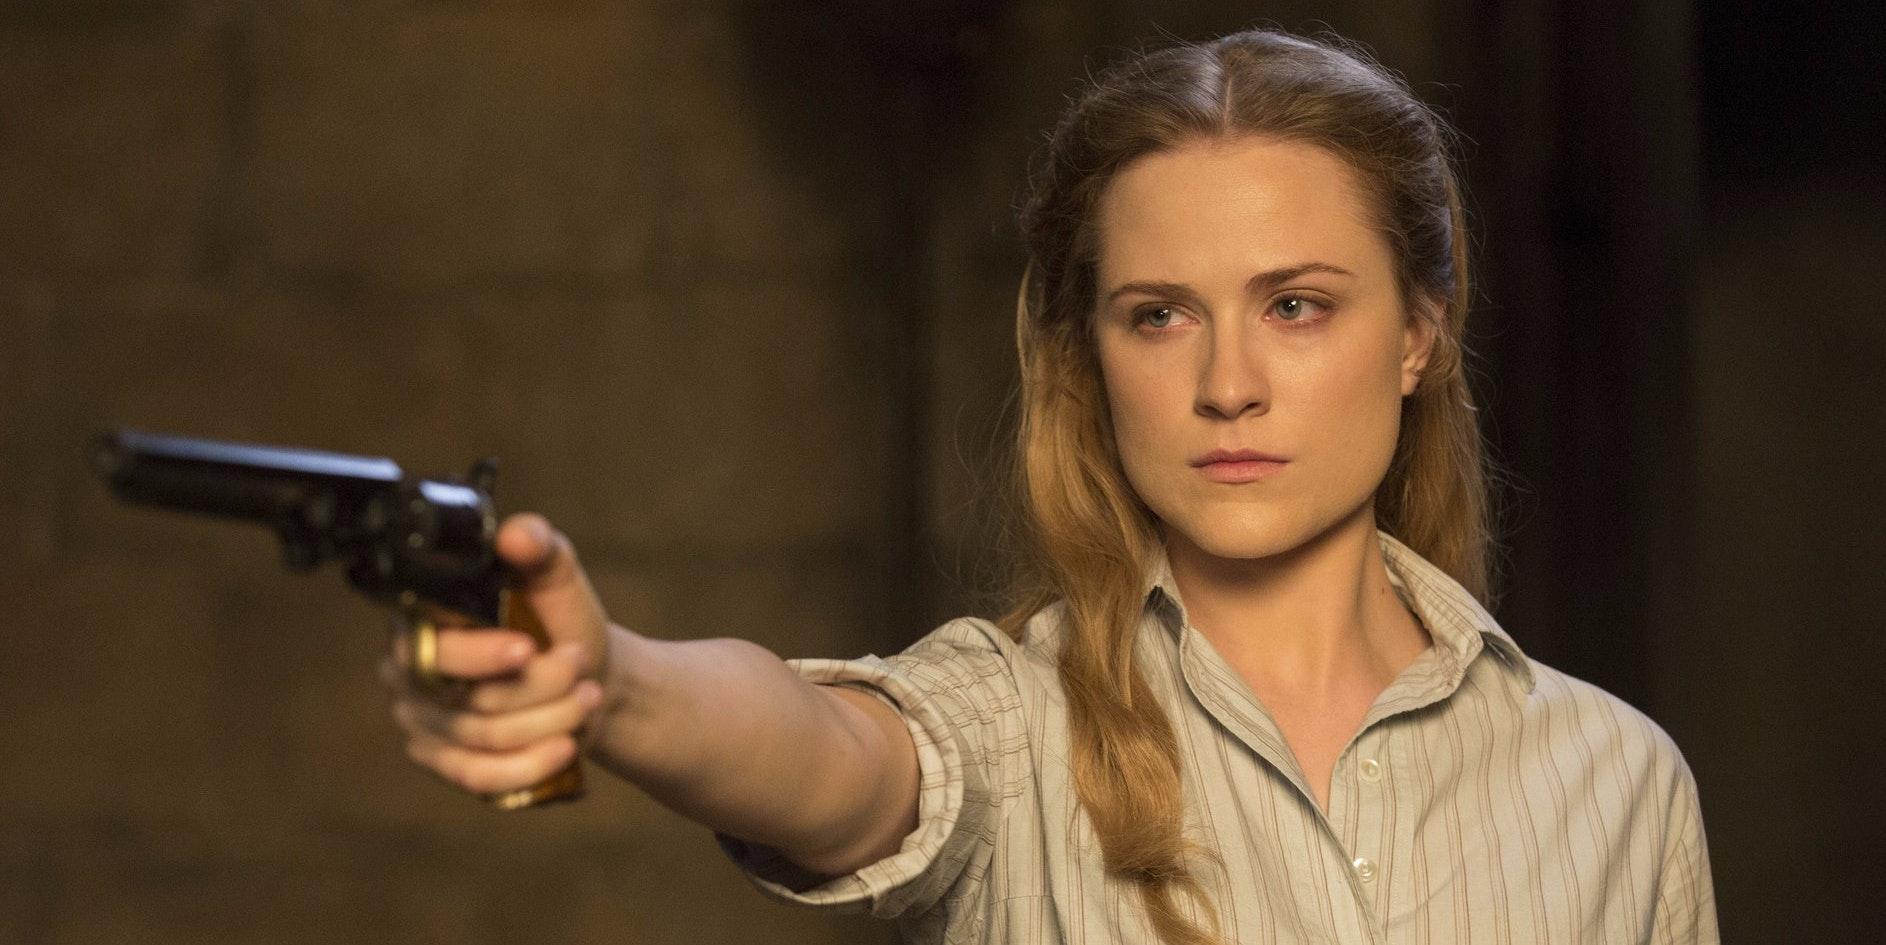 5 Ways 'Westworld' Season 2 Could Go